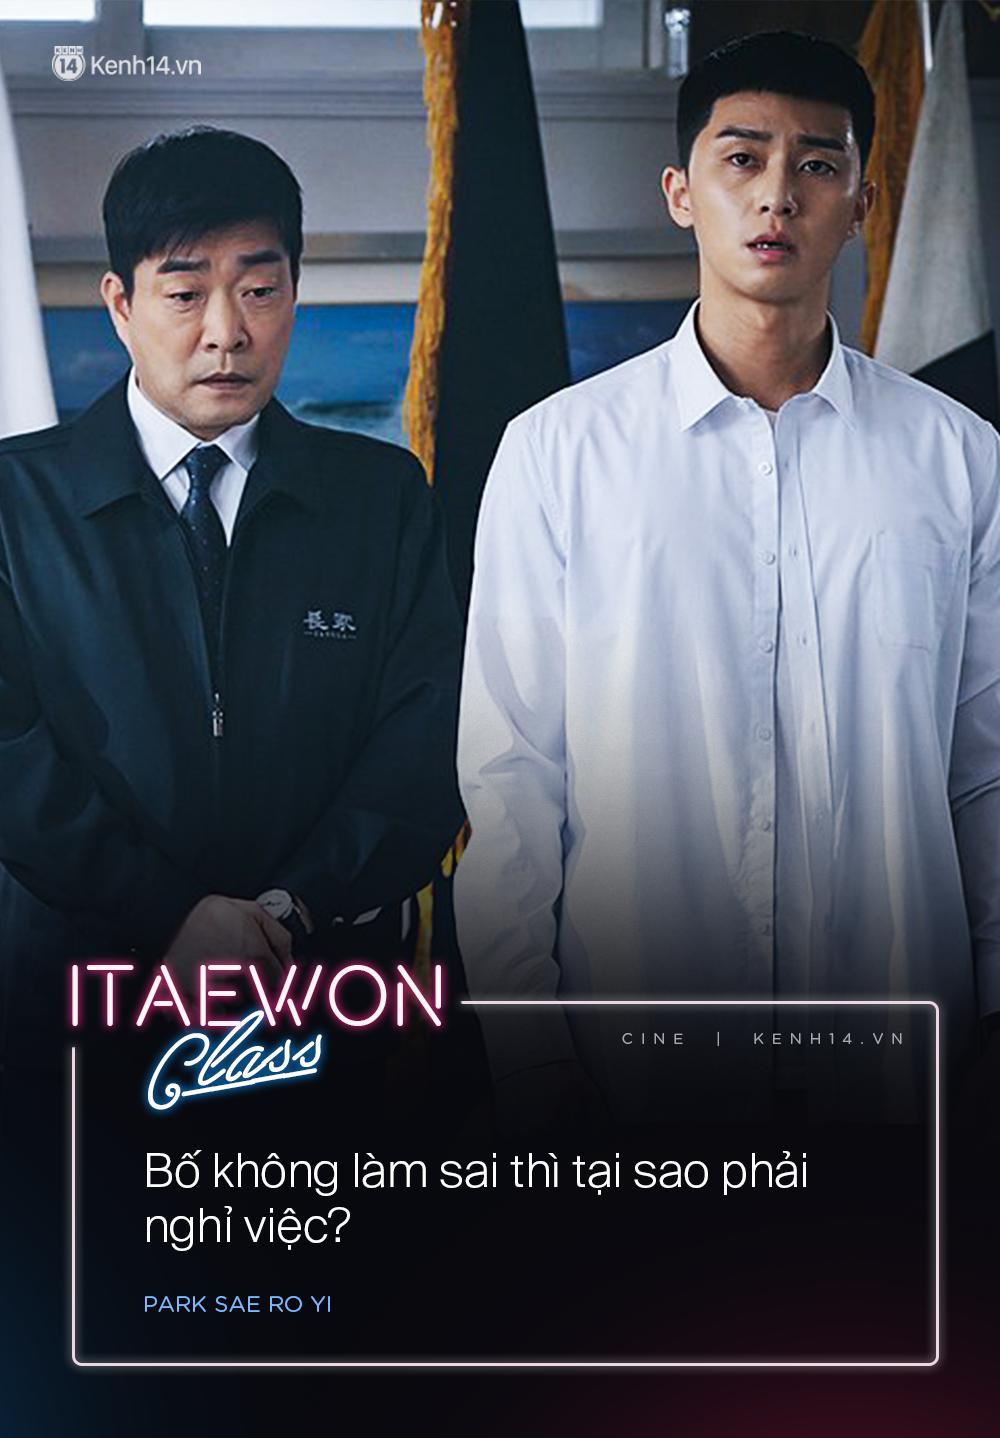 Ám ảnh với 10 câu thoại phản ánh xã hội bất công ở Tầng Lớp Itaewon: Mạng của bố tôi… được tính bằng tiền sao? - Ảnh 5.